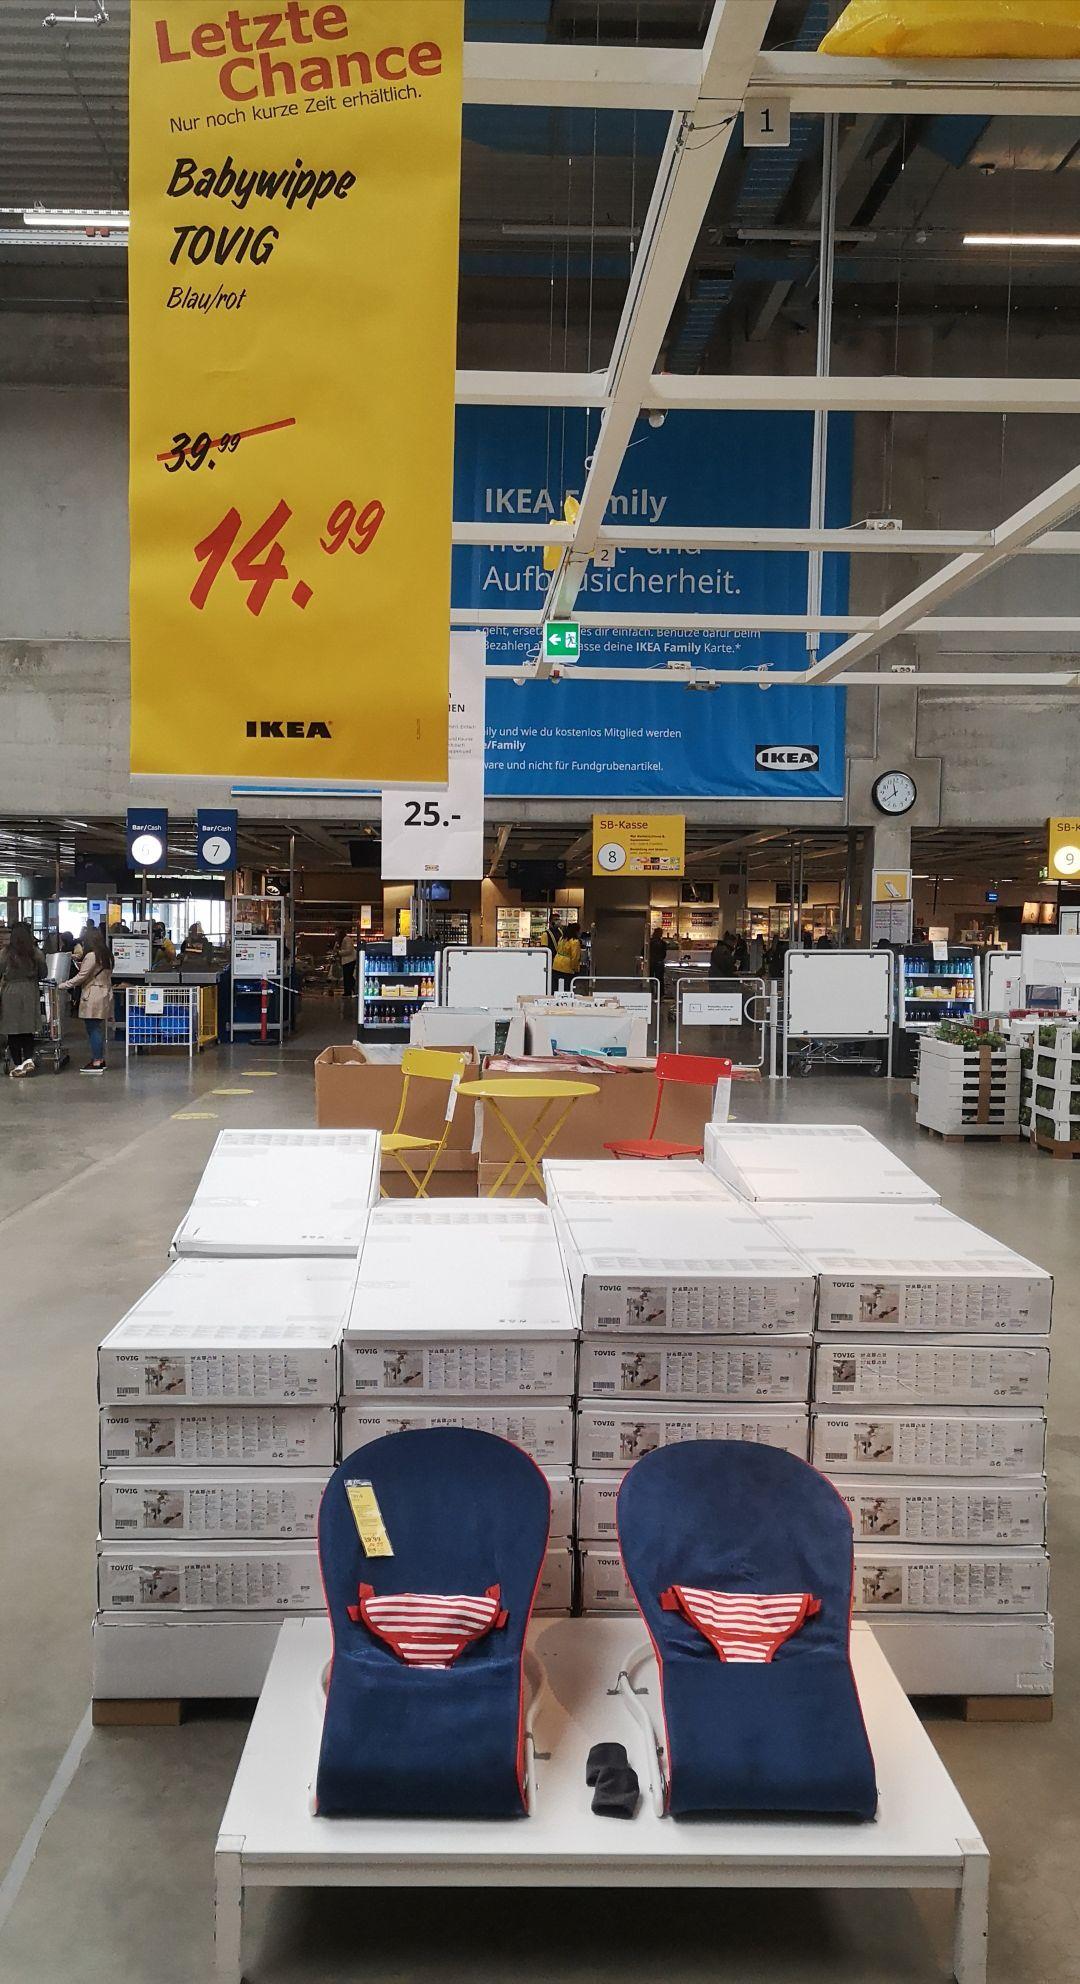 Ikea Berlin Tempelhof - Babywippe Tovig